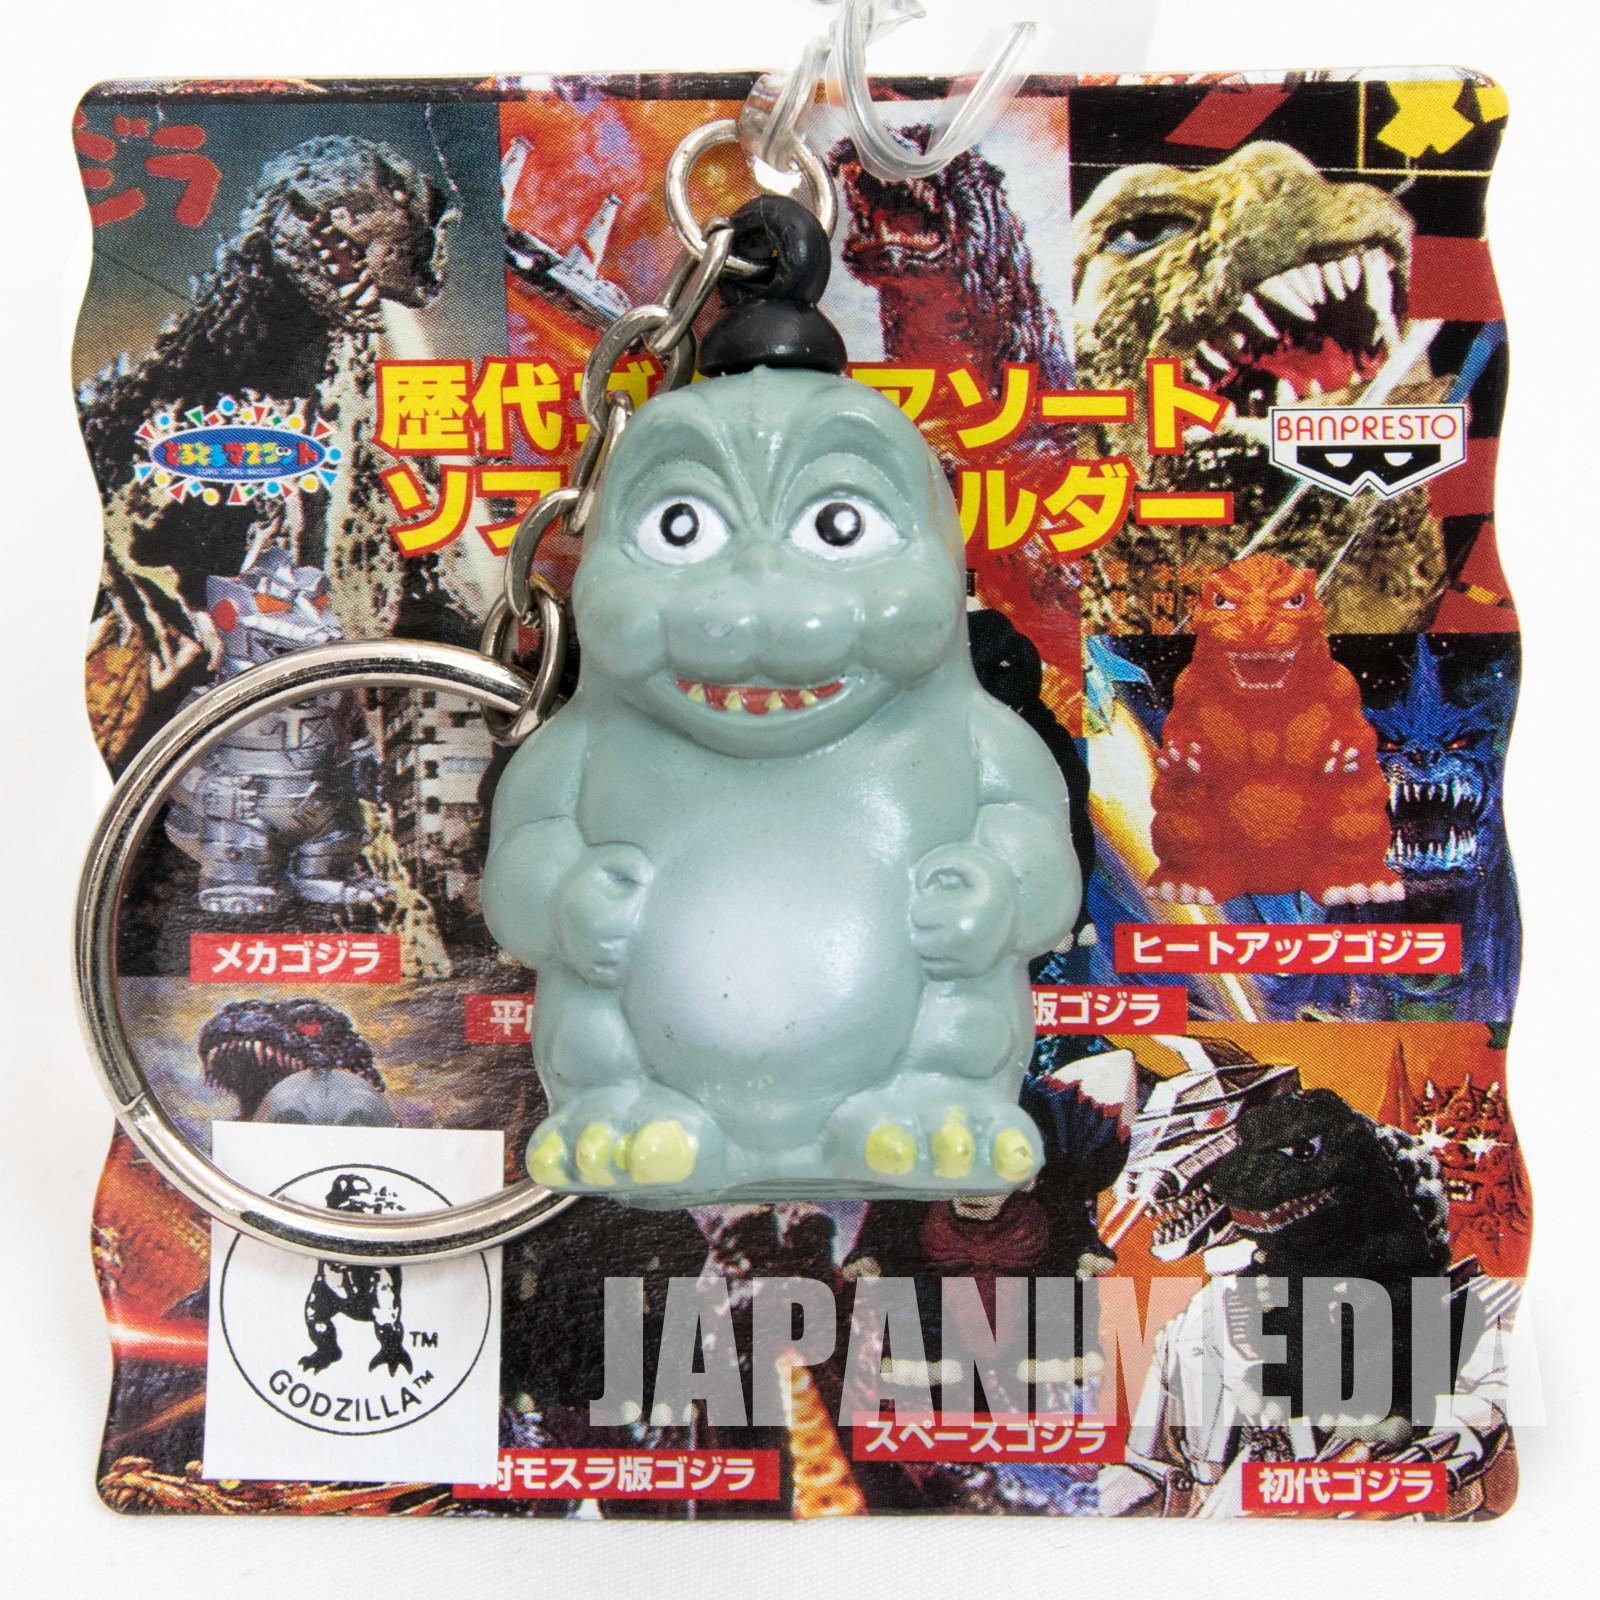 Godzilla Minya Minilla Mascot Figure Keychain JAPAN TOKUSATSU